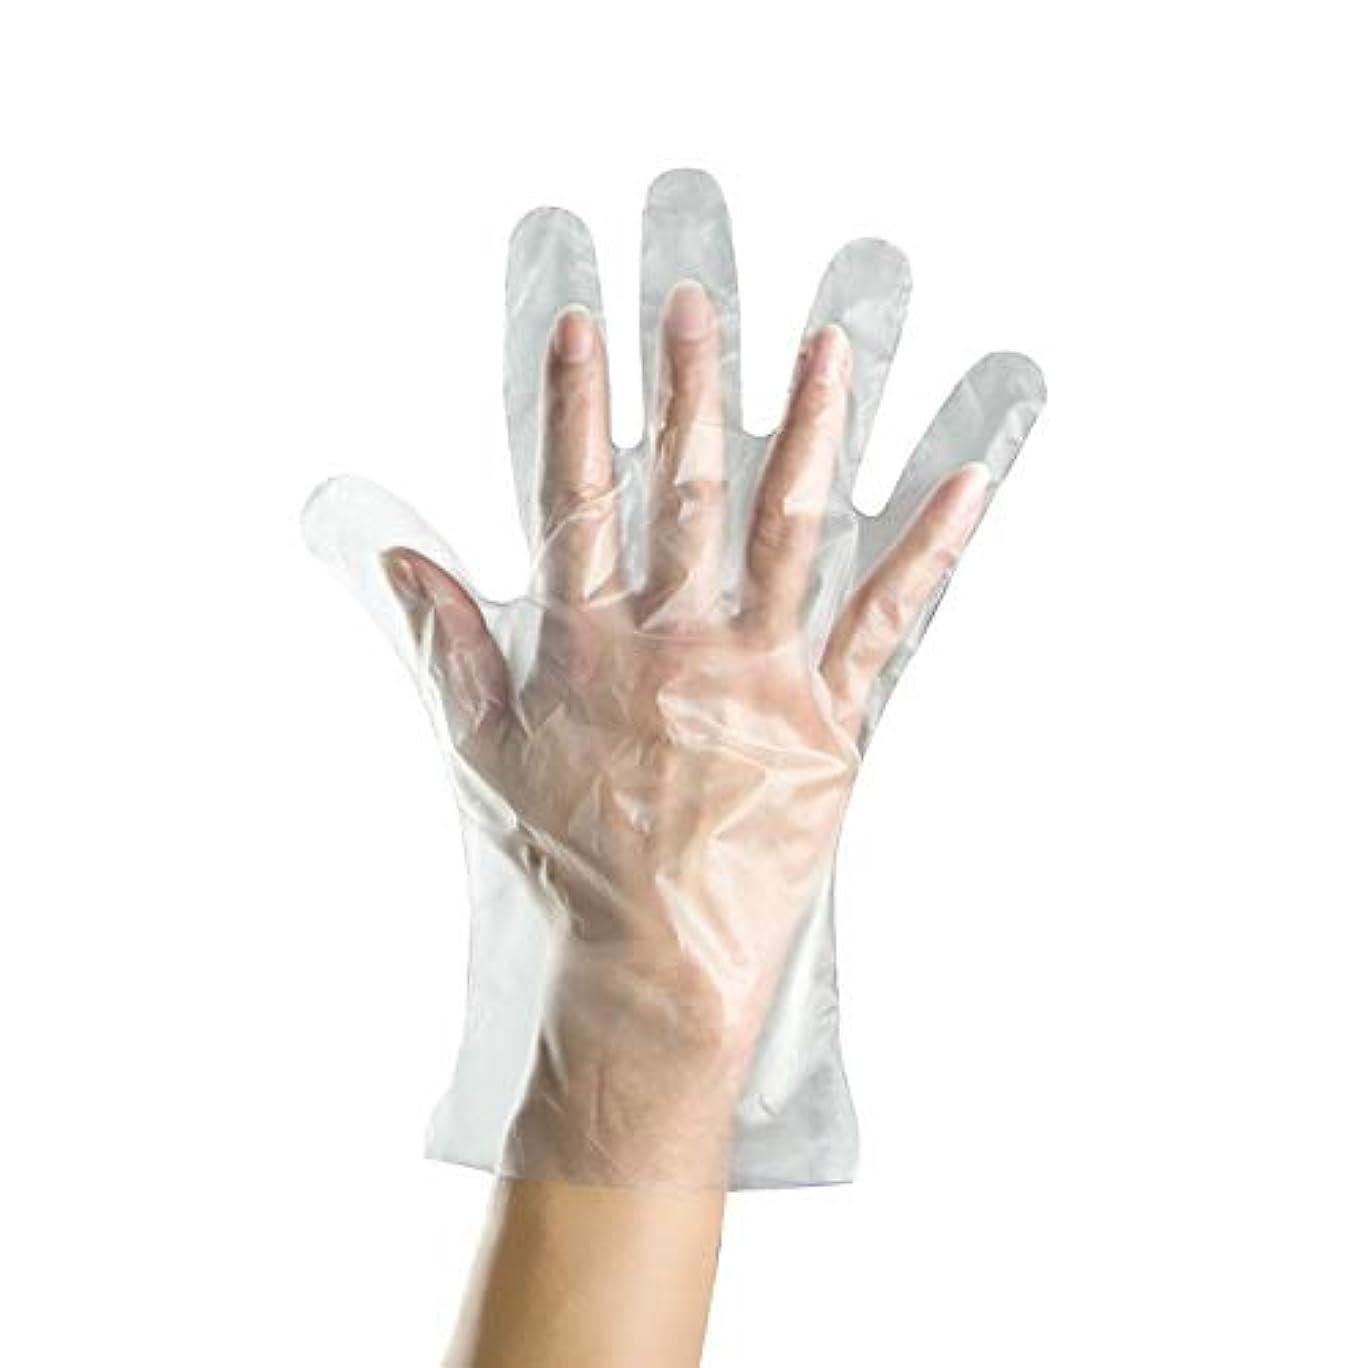 おかしい自伝勘違いする1000のみ使い捨てプラスチックPEフィルム手袋 - 医療、食品衛生、美容院、家庭用手袋などに適しています YANW